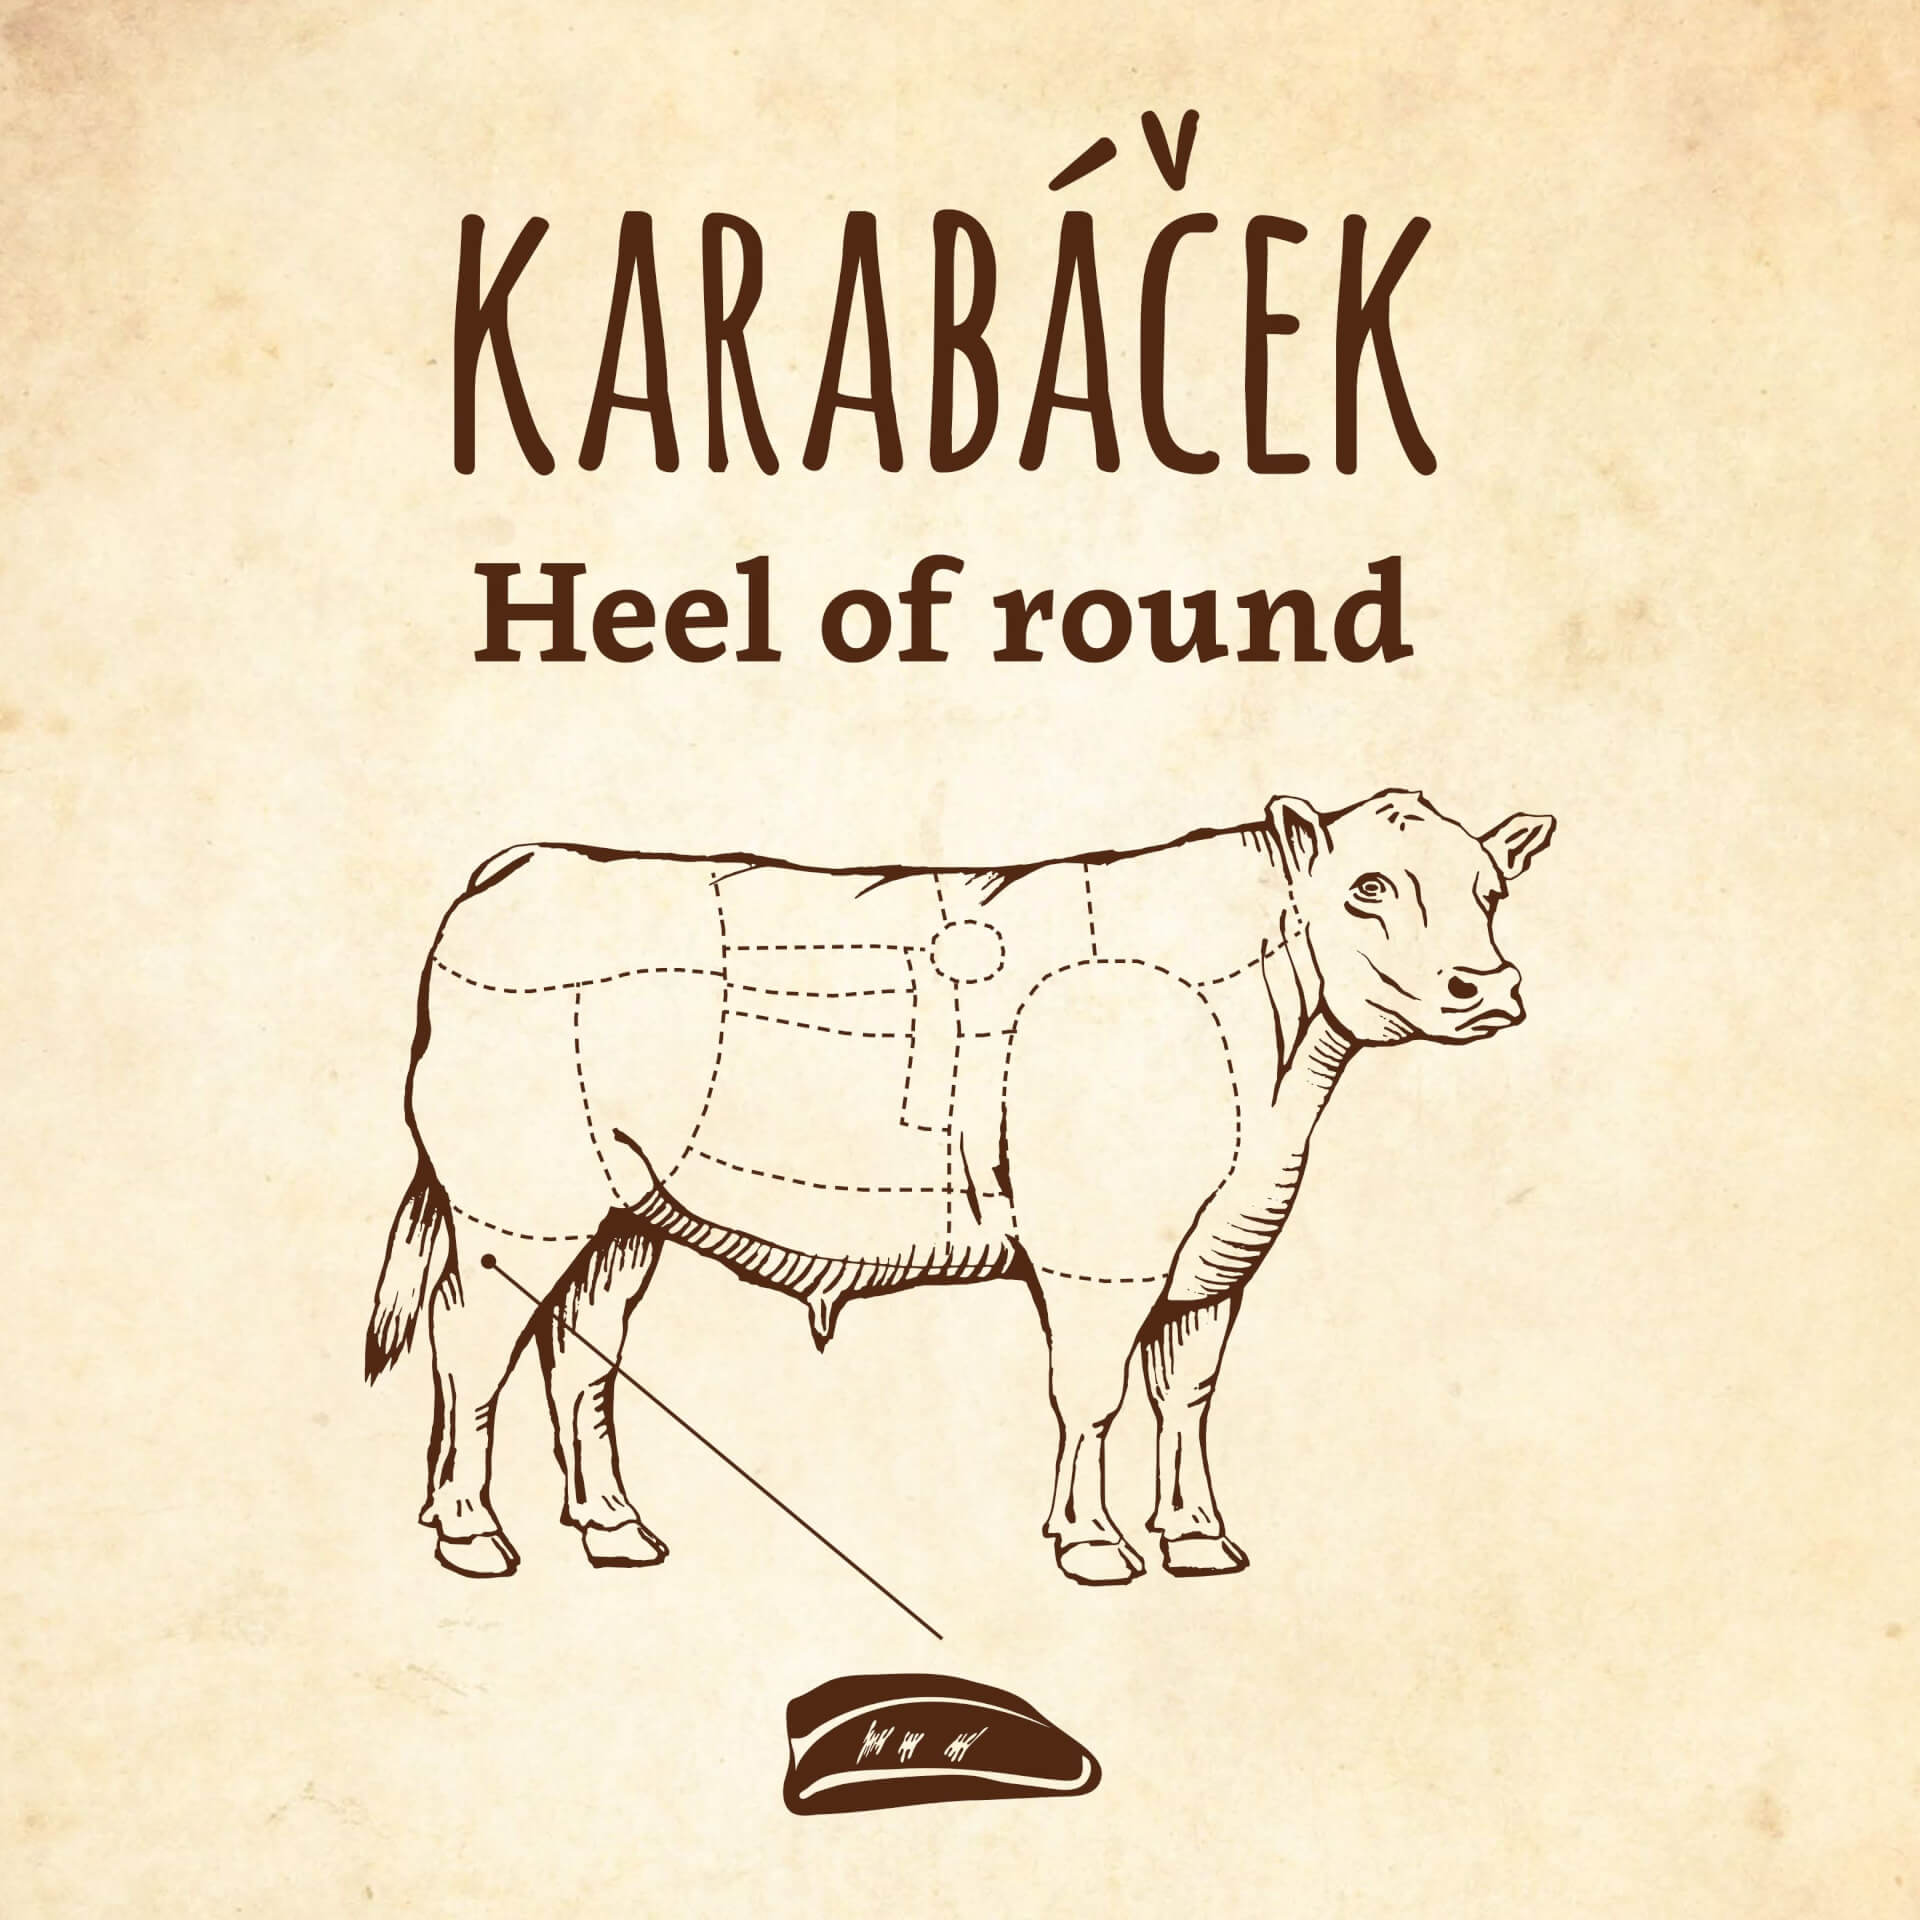 Steak z hovězí kližky / Karabáček / Heel of round